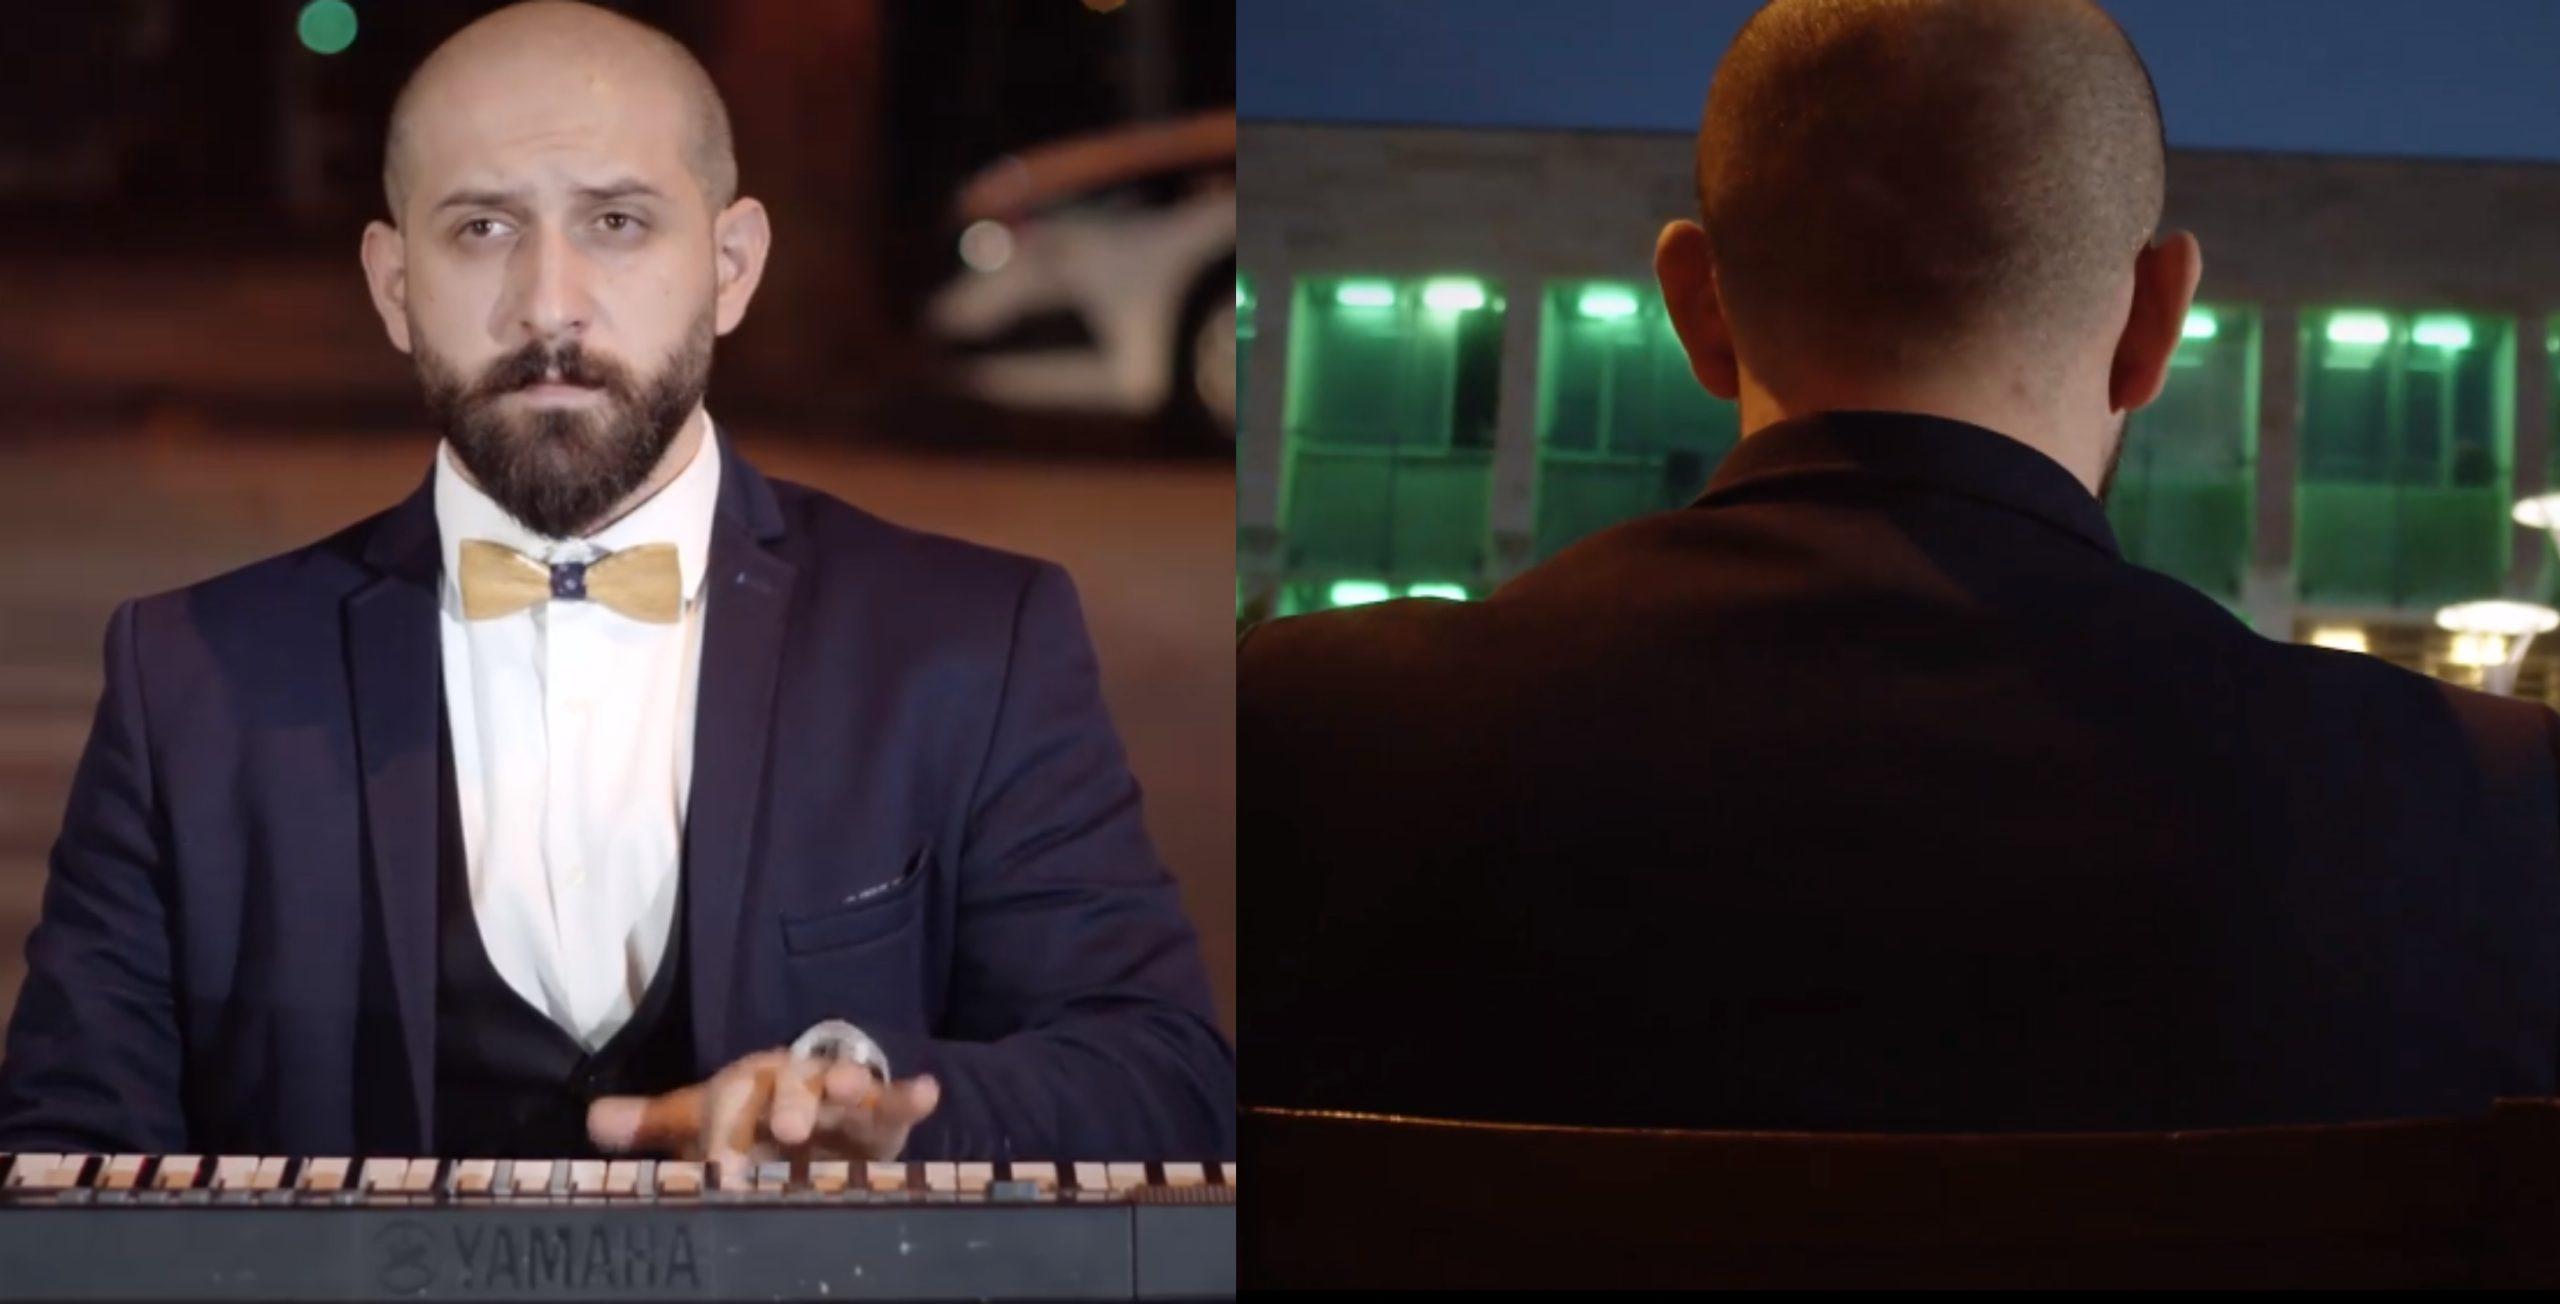 საბურთალოს მაჟორიტარობის კანდიდატმა სუს-თან პიანინოზე დაუკრა